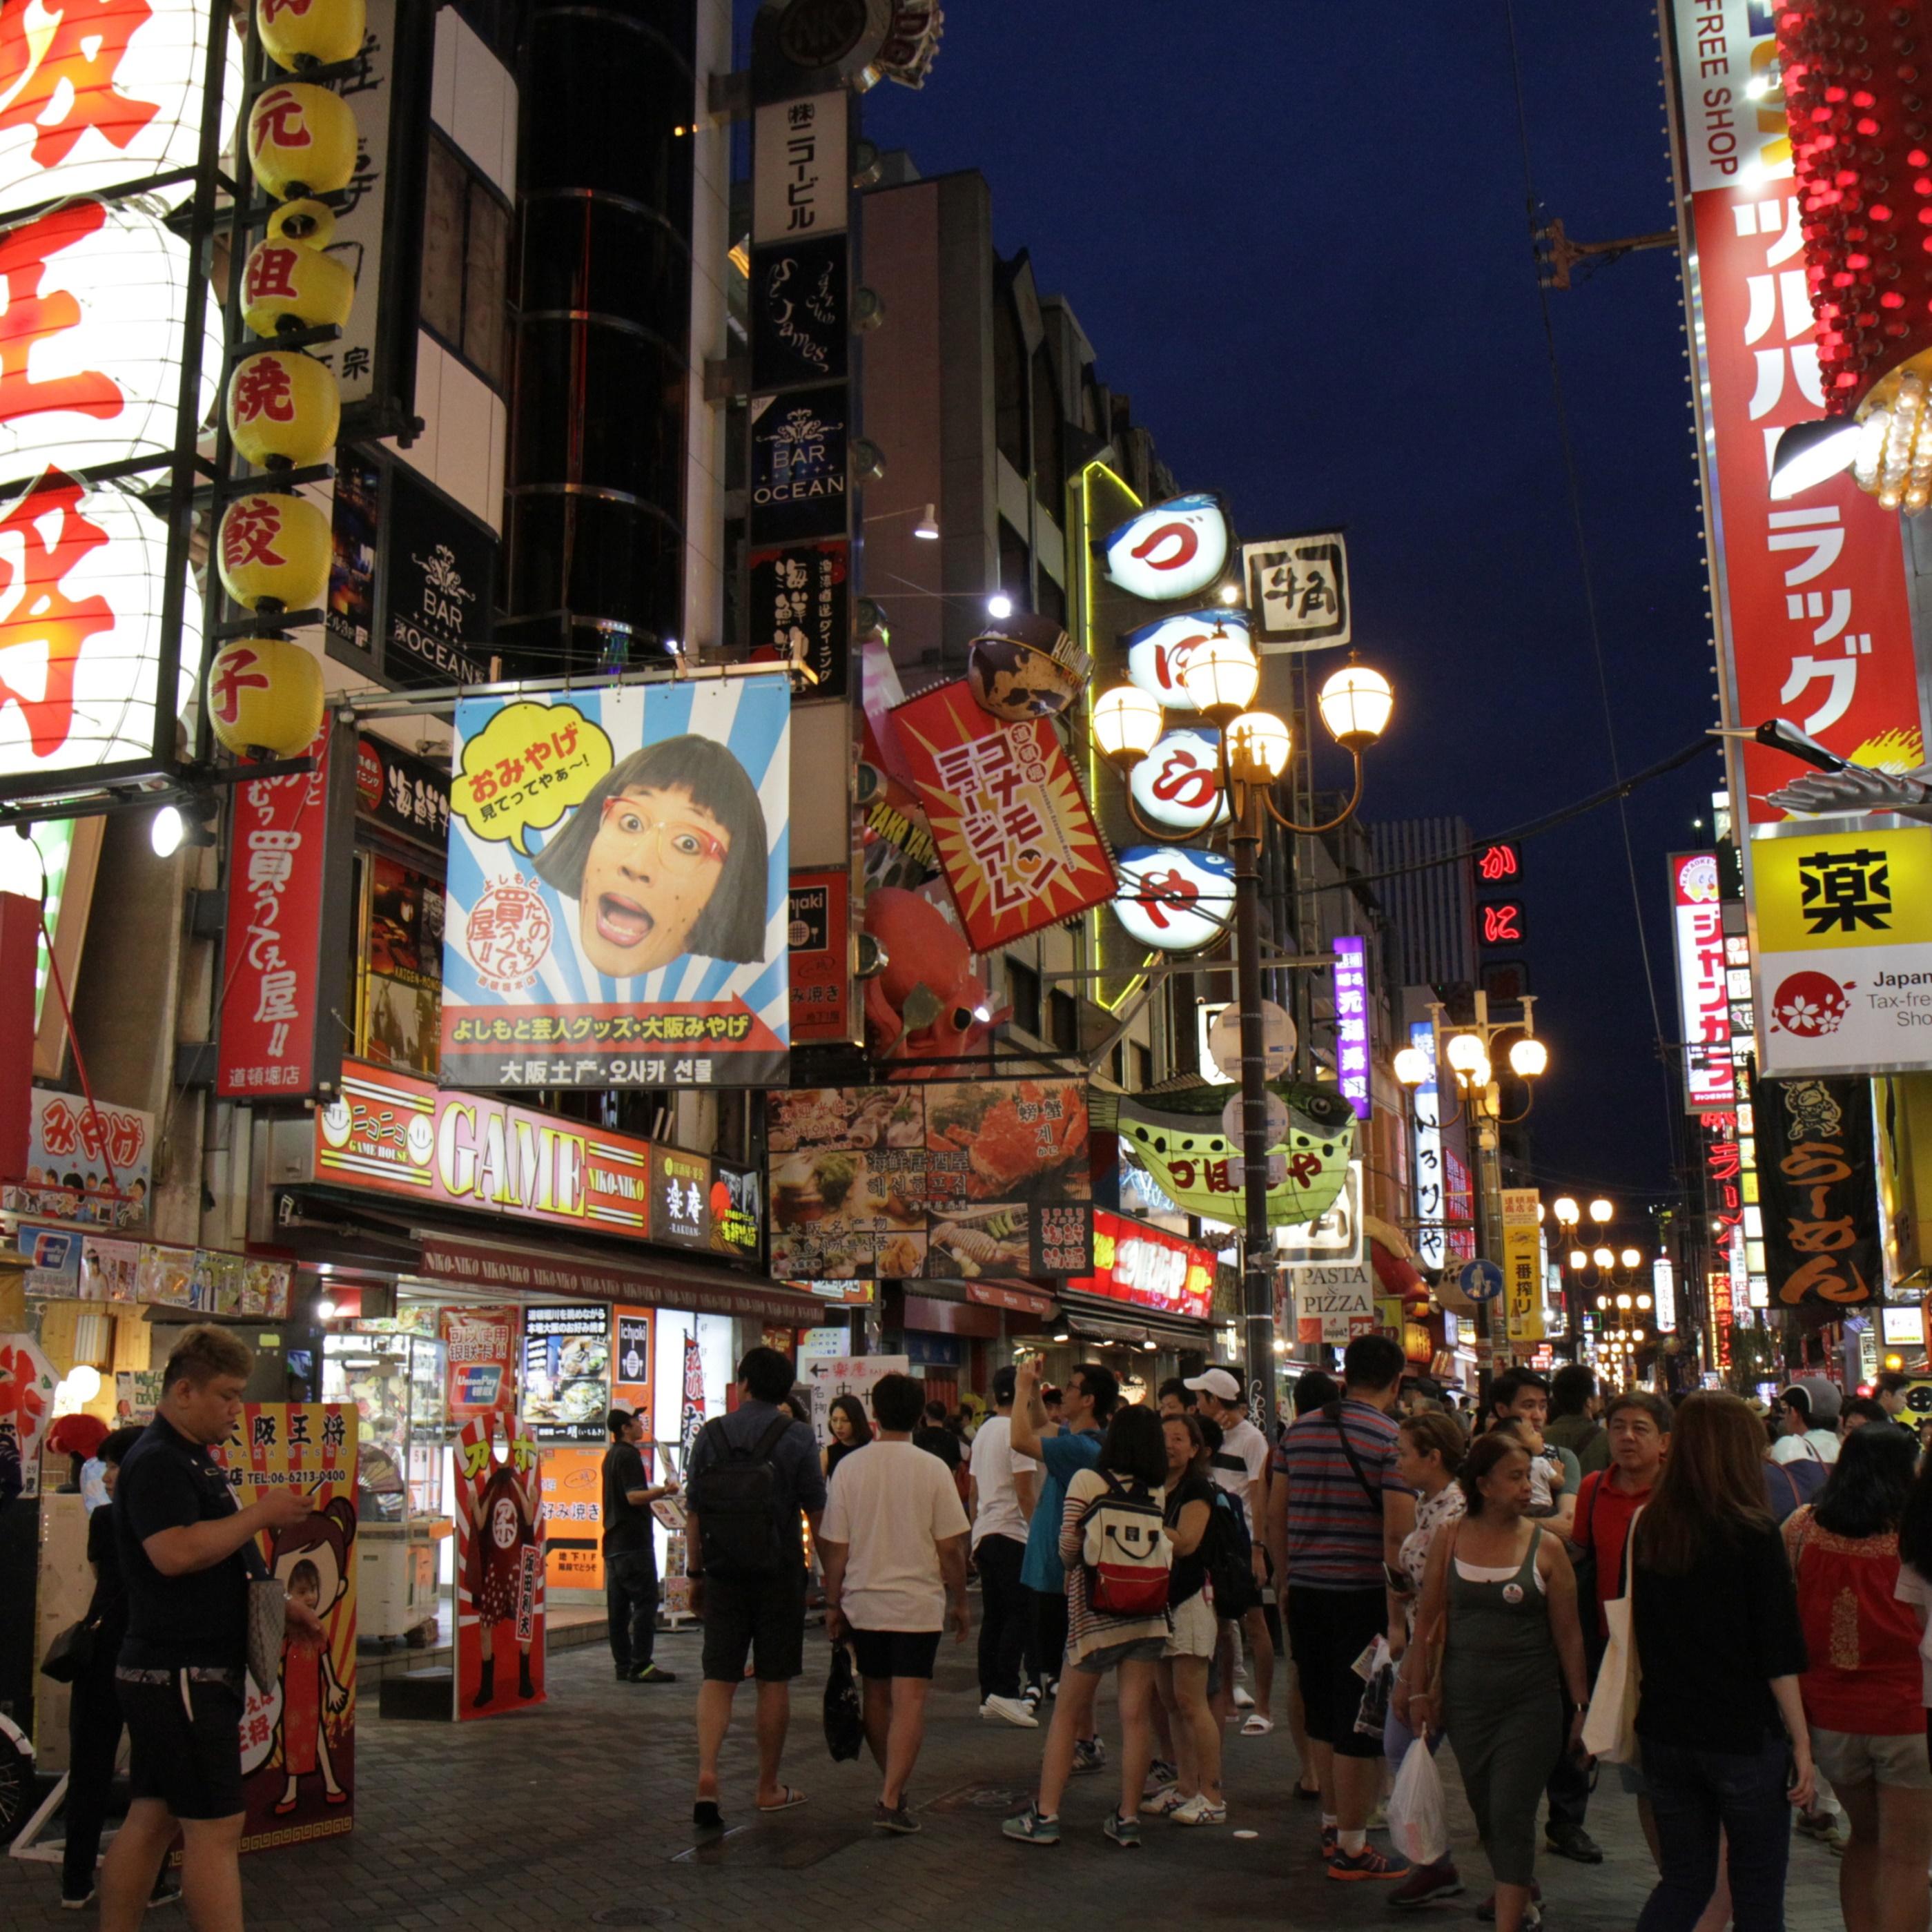 La noche de Osaka